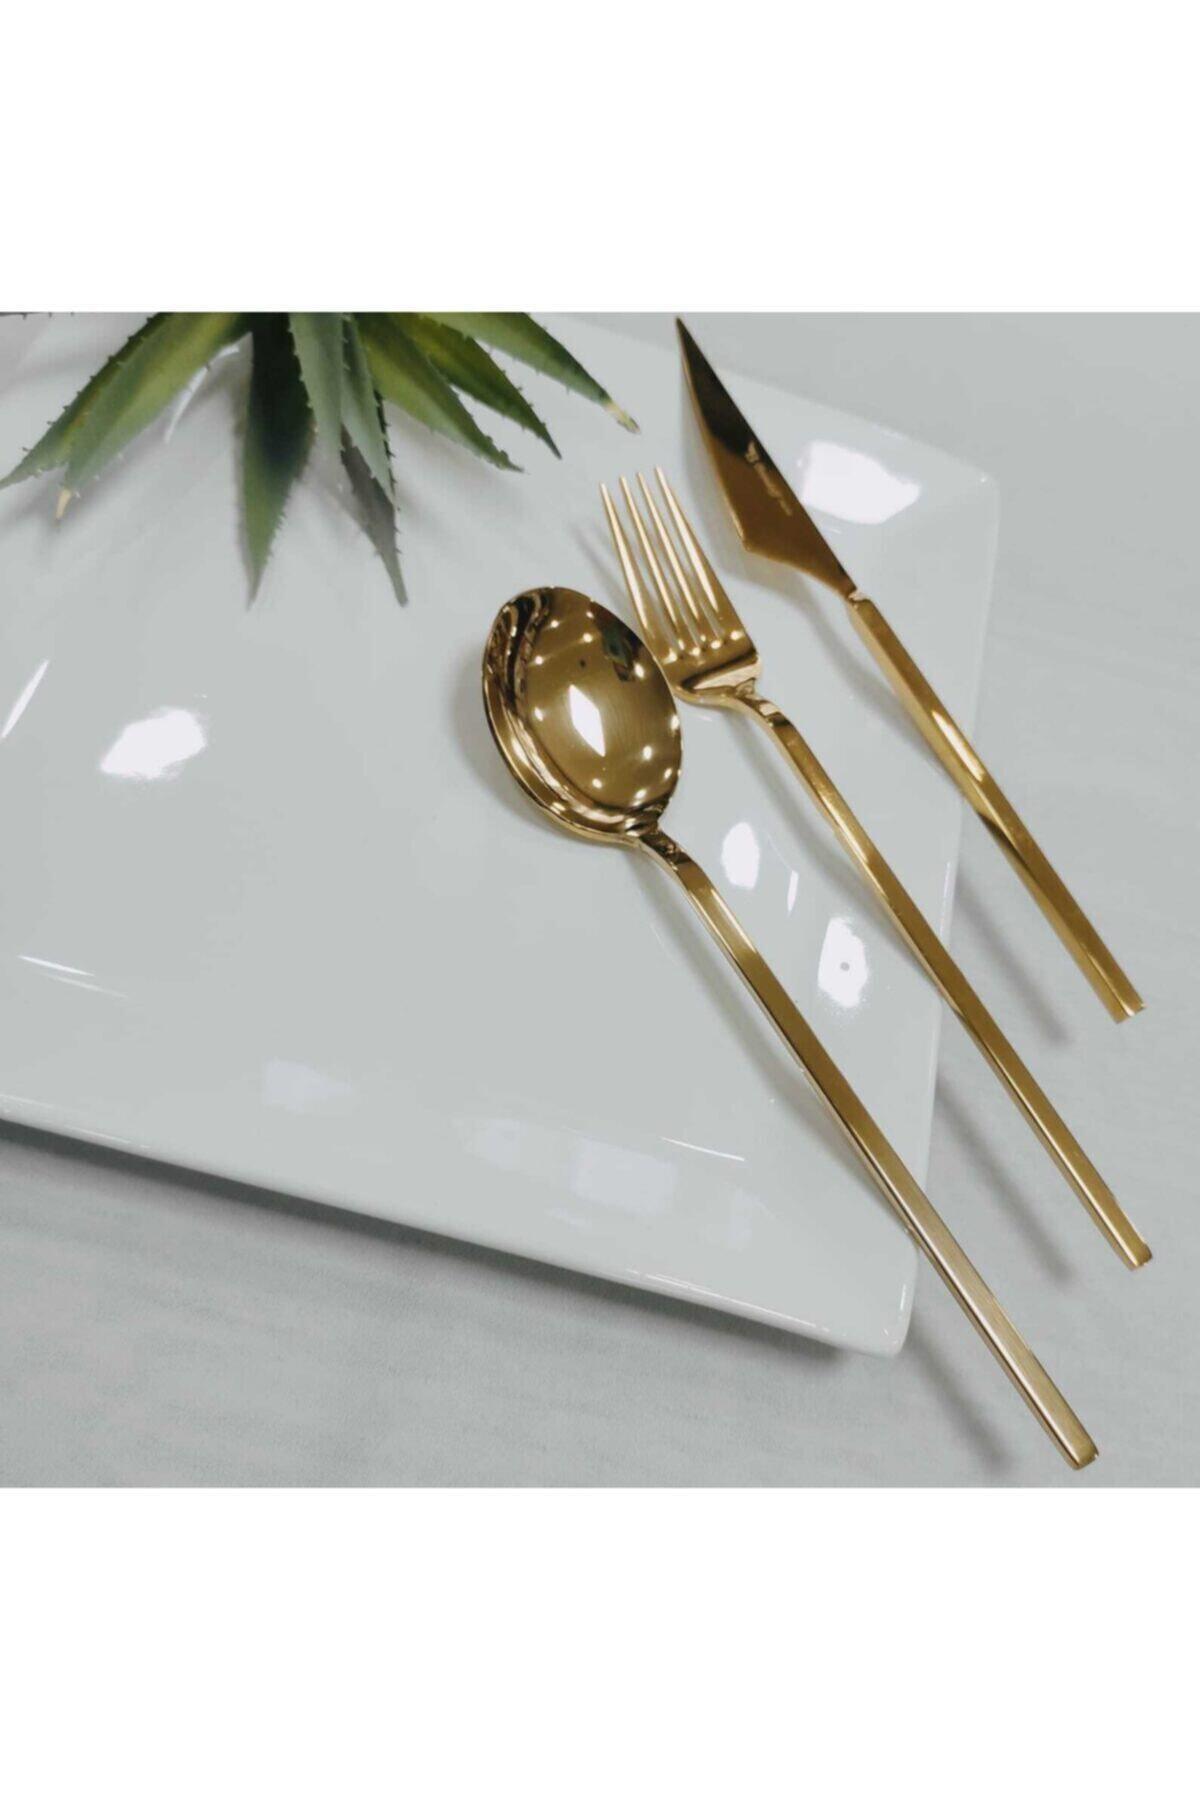 Gold 84 Parça 12 Kişilik Çatal Kaşık Bıçak Takımı